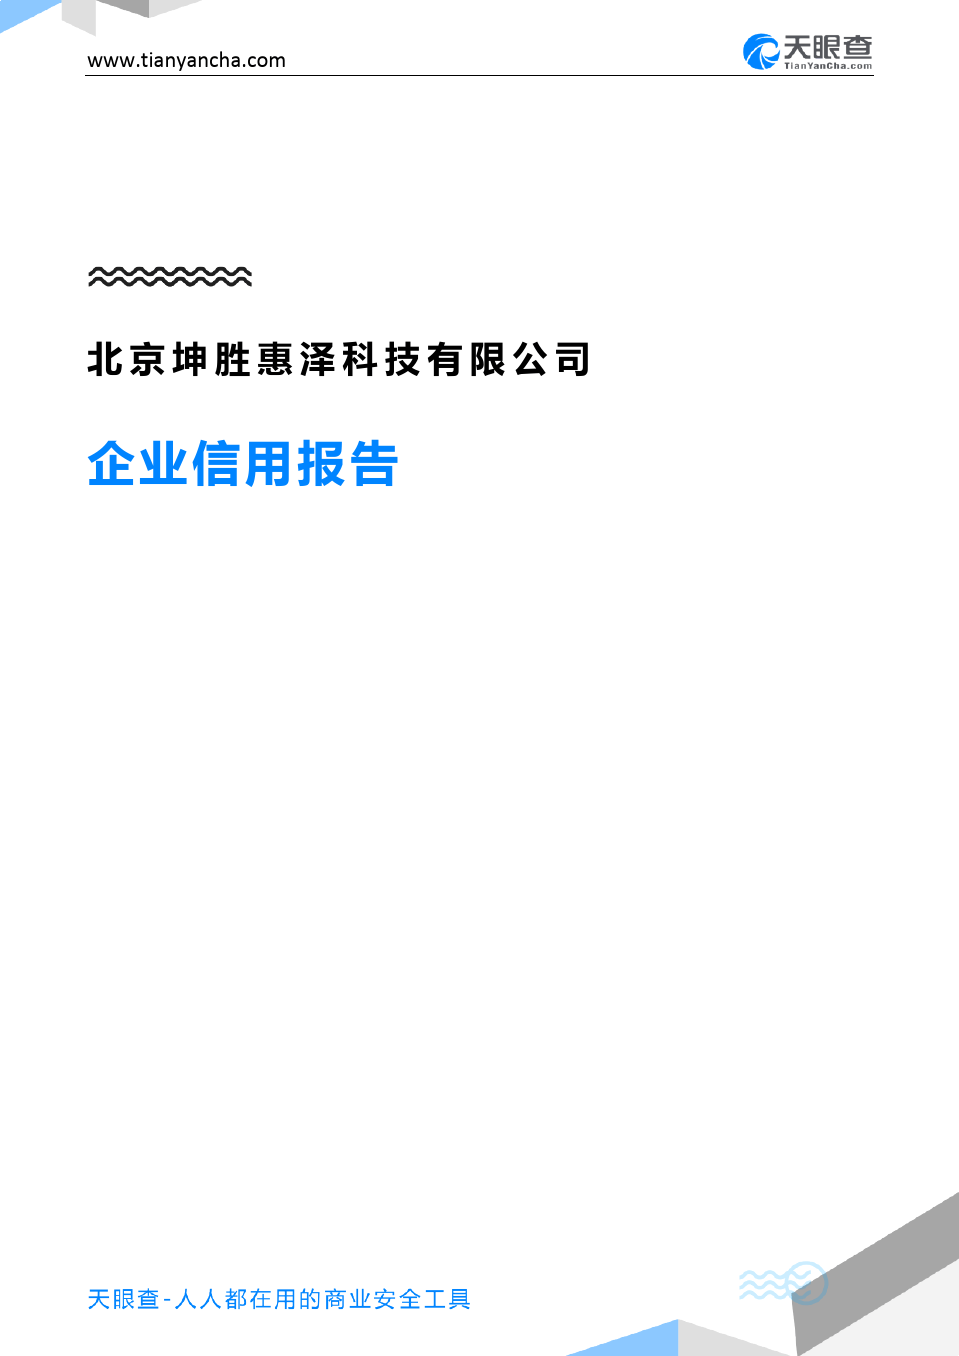 北京坤胜惠泽科技有限公司企业信用报告-天眼查